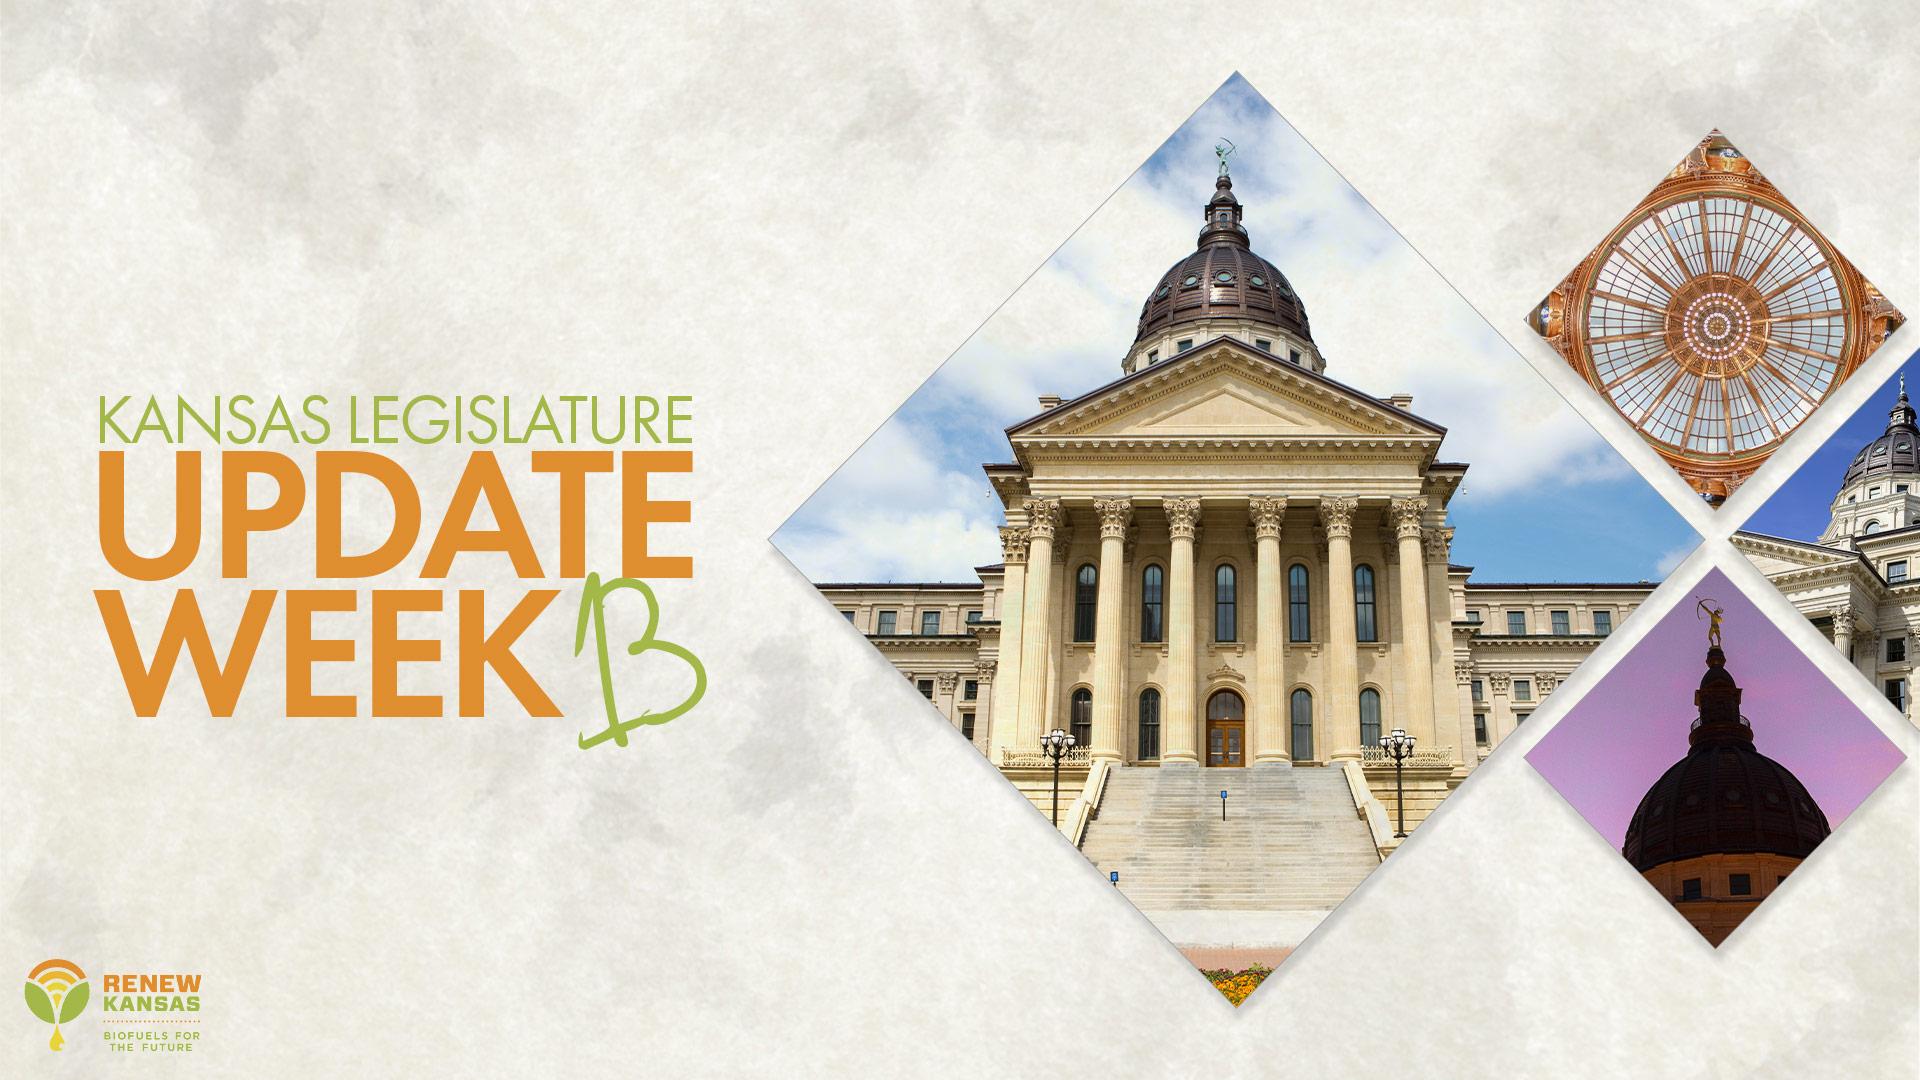 Kansas Legislative Update - Week 13